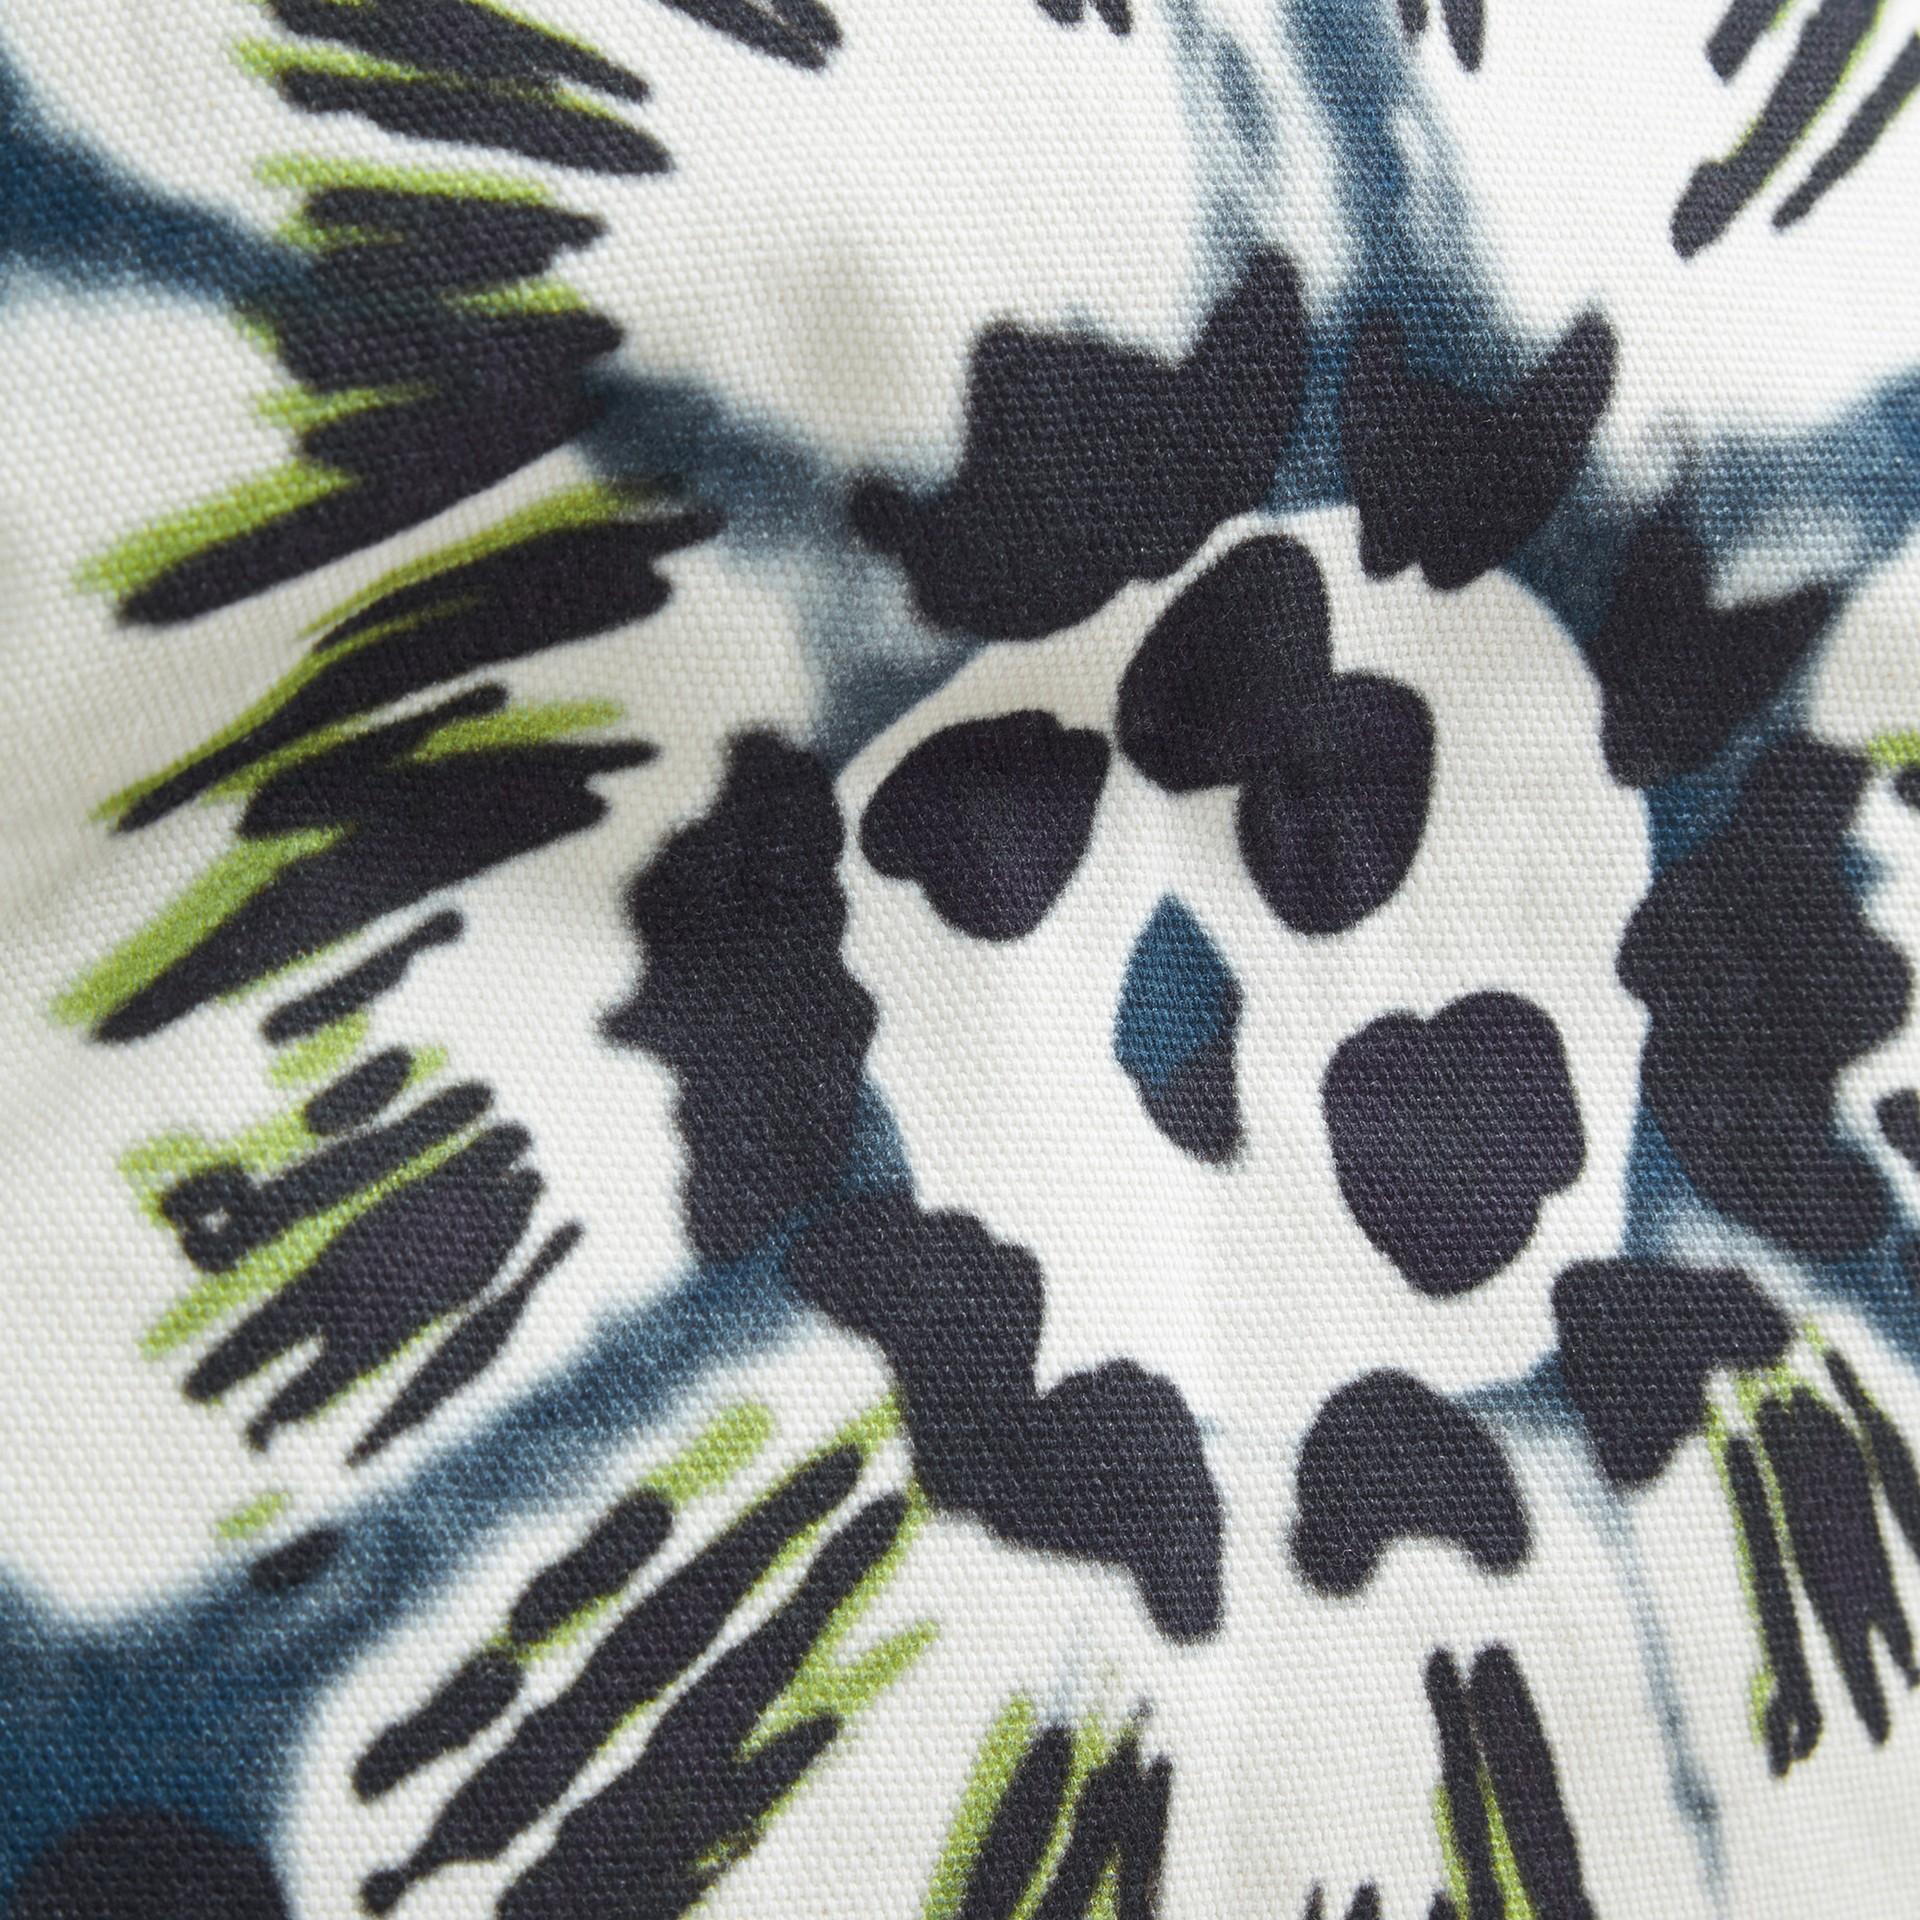 Bleu azur intense Housse de coussin en coton à motif floral façon tie and dye Bleu Azur Intense - photo de la galerie 2